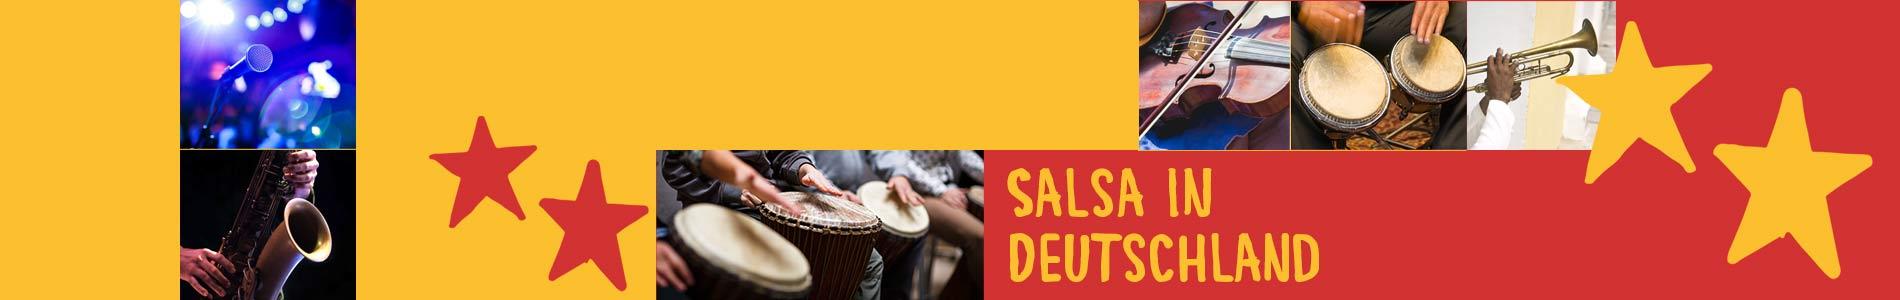 Salsa in Dahlenburg – Salsa lernen und tanzen, Tanzkurse, Partys, Veranstaltungen